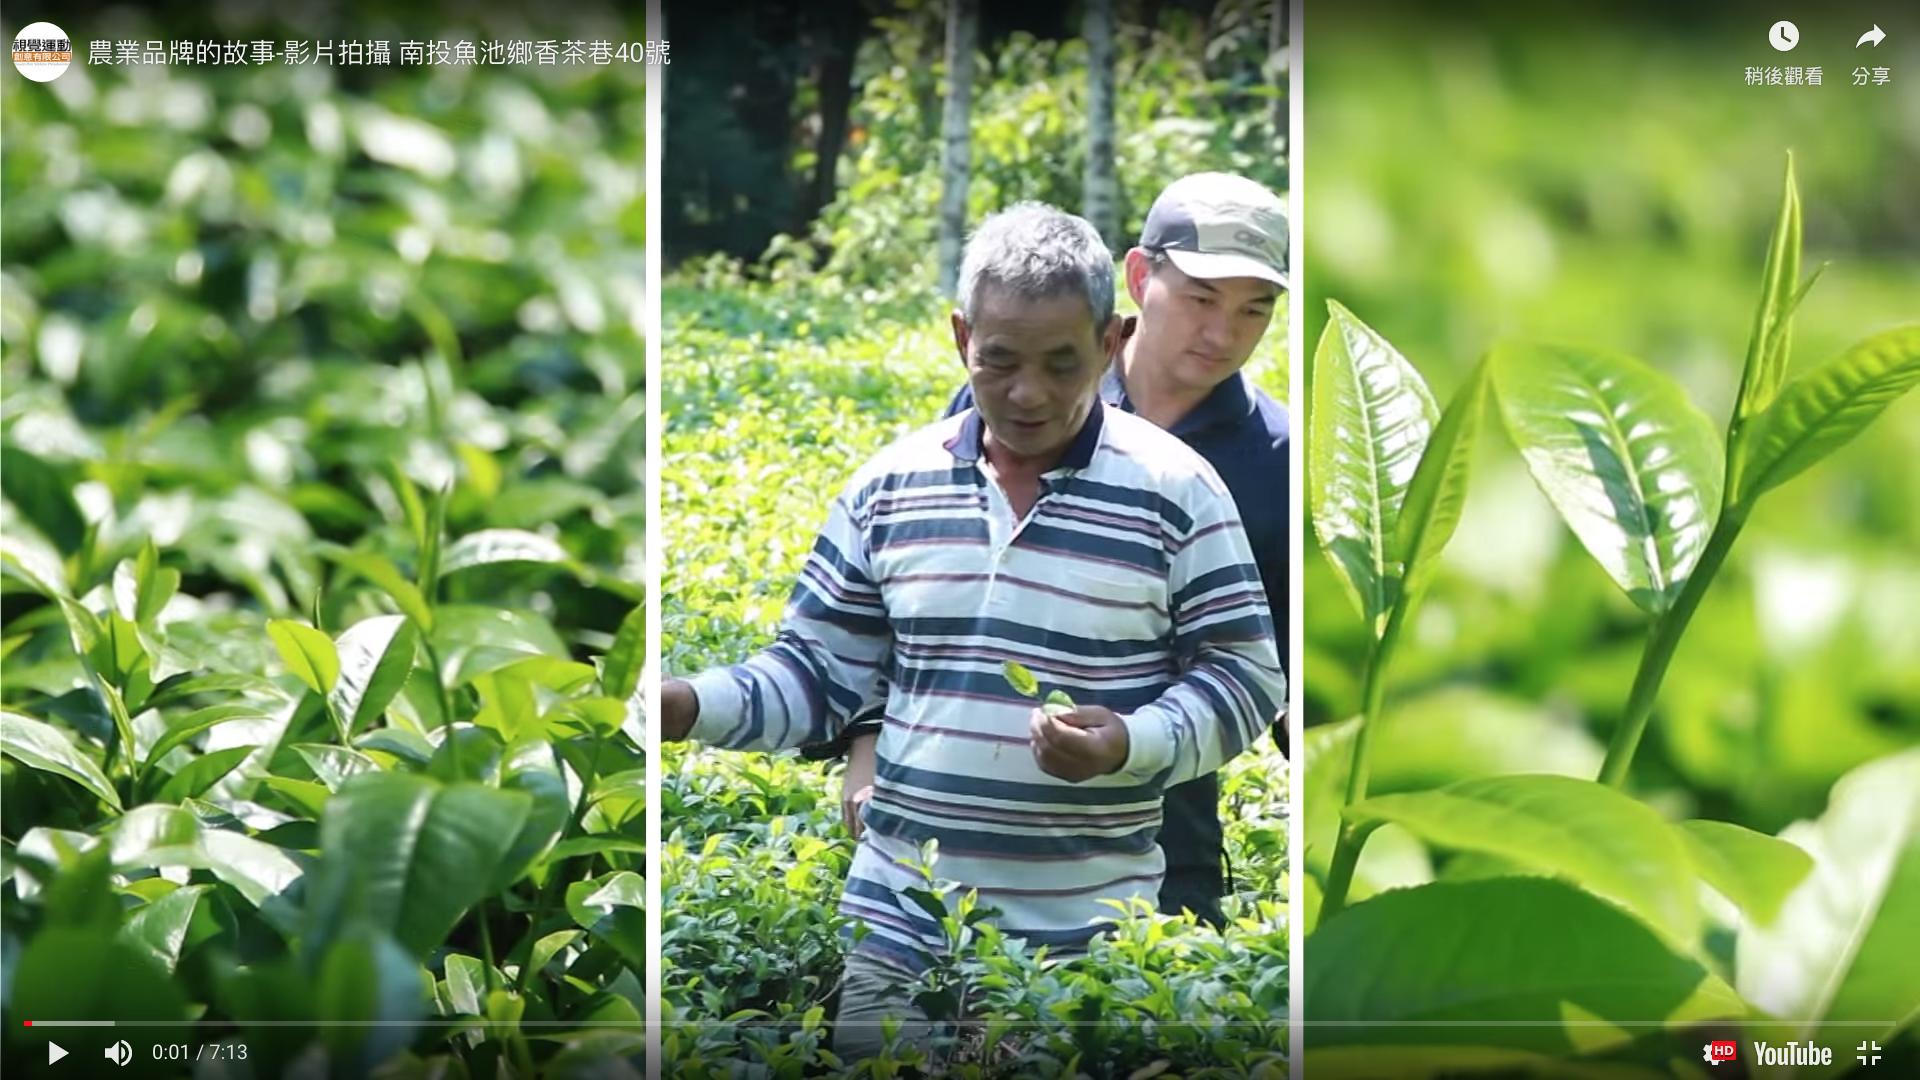 農業品牌的故事-影片拍攝 南投魚池鄉香茶巷40號